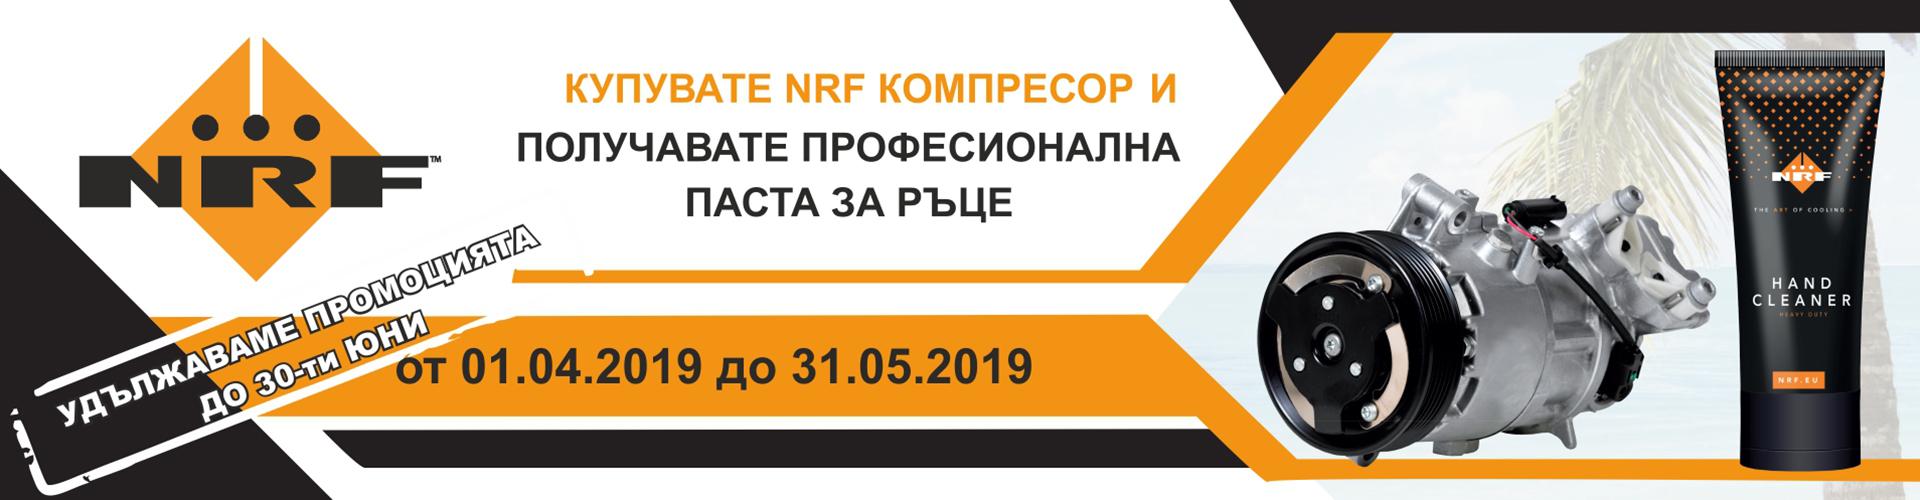 promo_nrf_01.04.2019-30.06.2019_banner.jpg